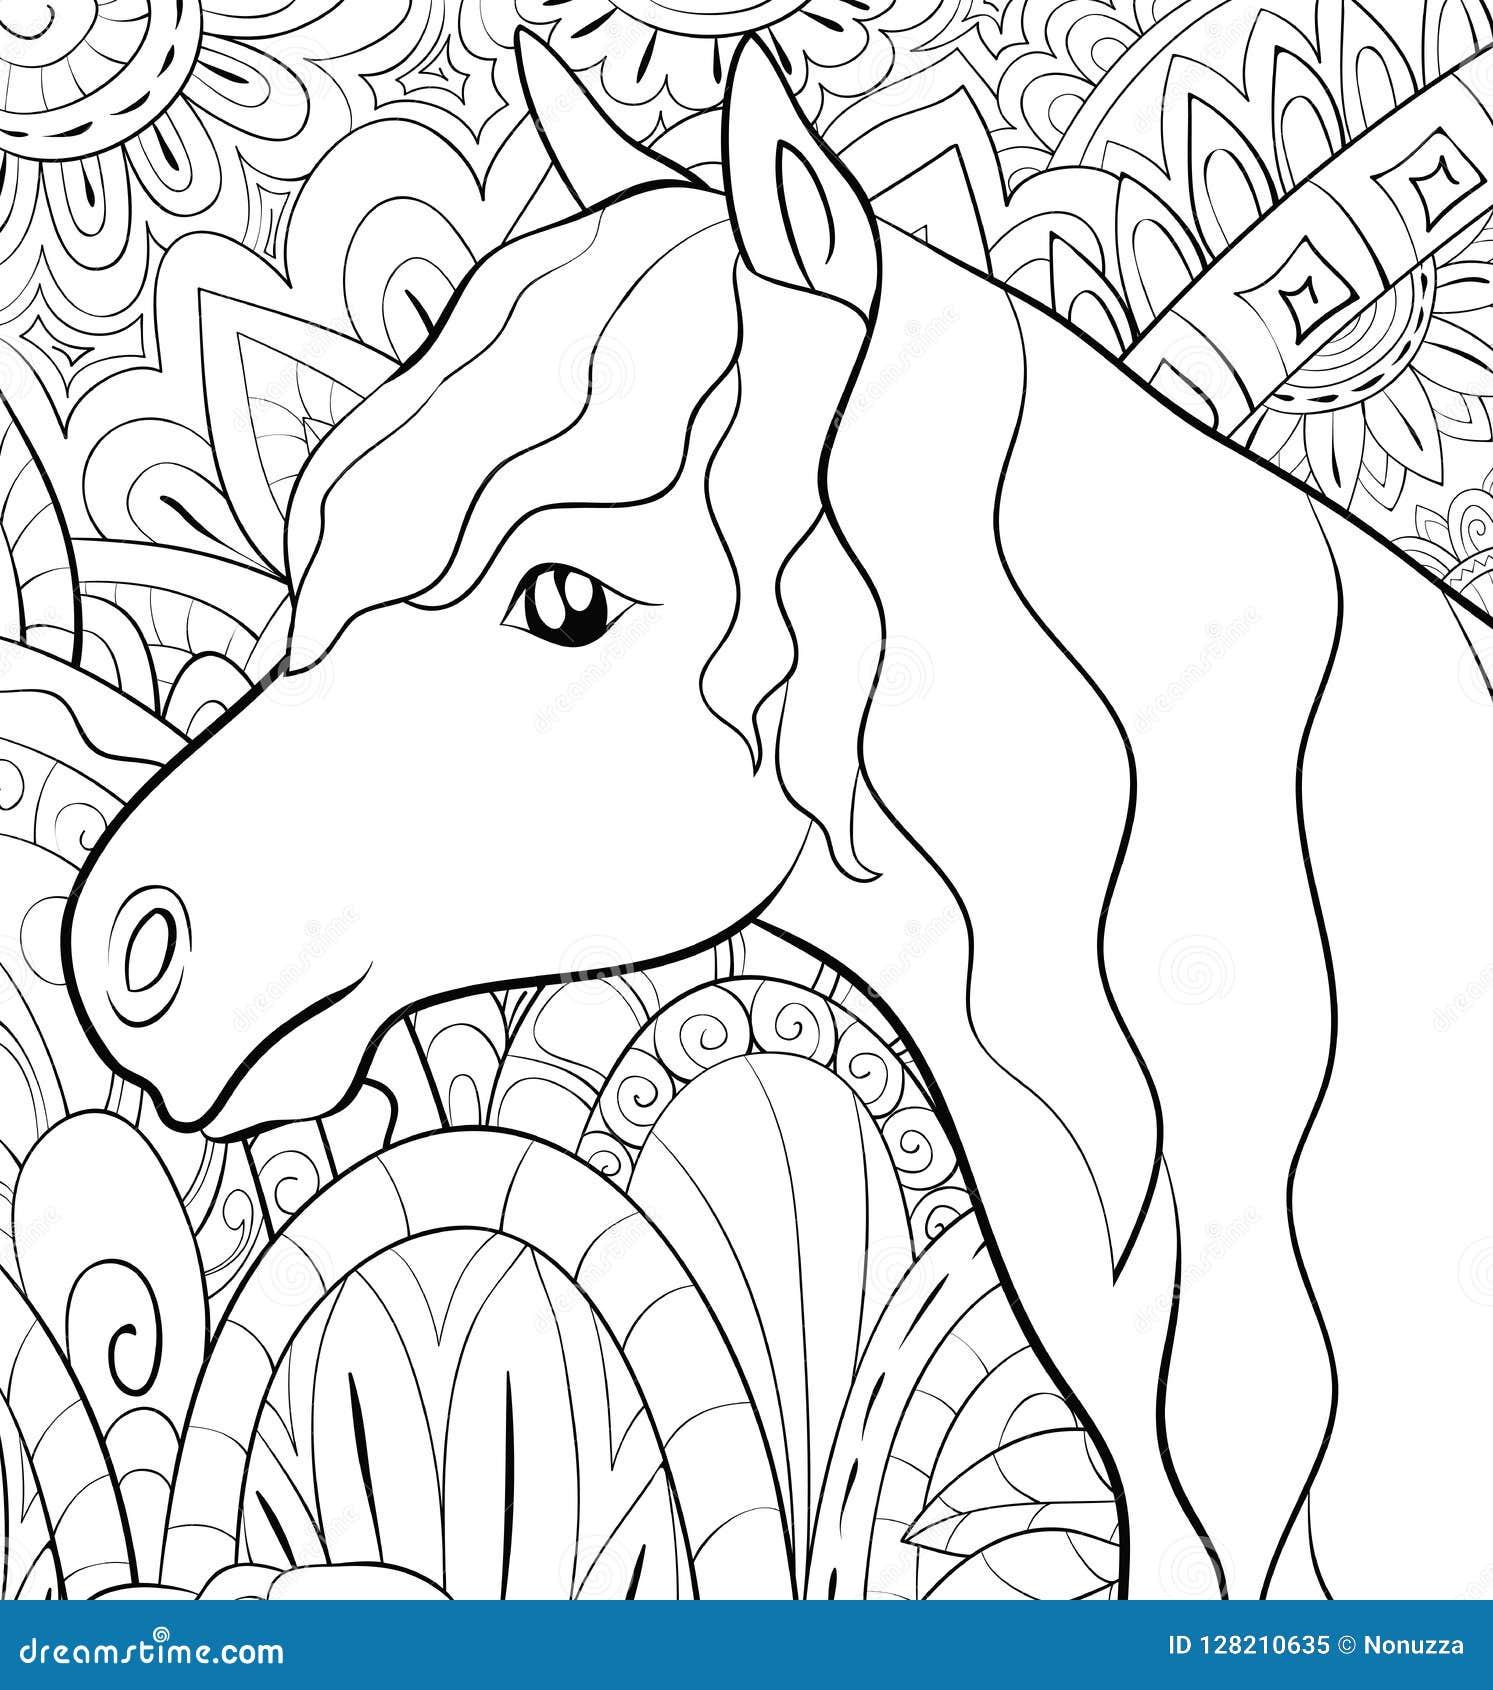 Coloriage Cheval Zen.Livre De Coloriage Adulte Paginent Un Cheval Mignon Image